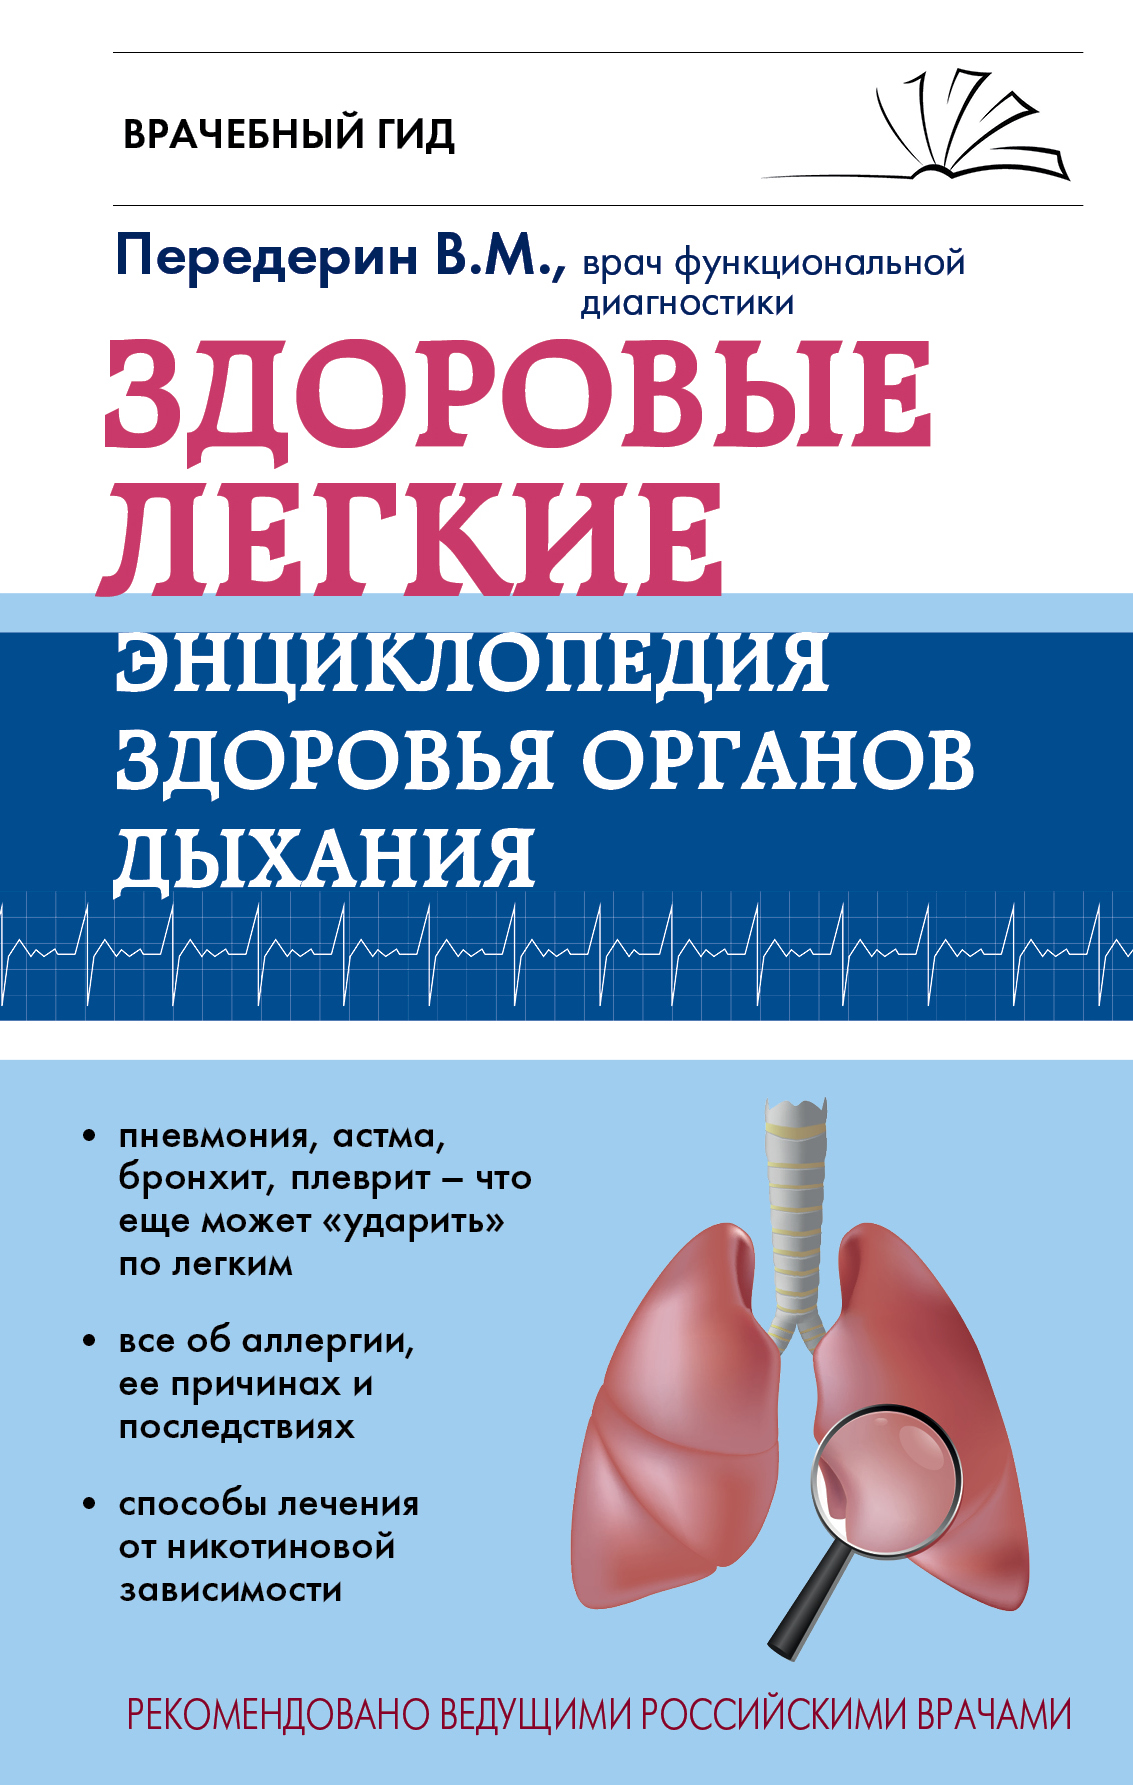 Здоровые легкие. Энциклопедия здоровья органов дыхания